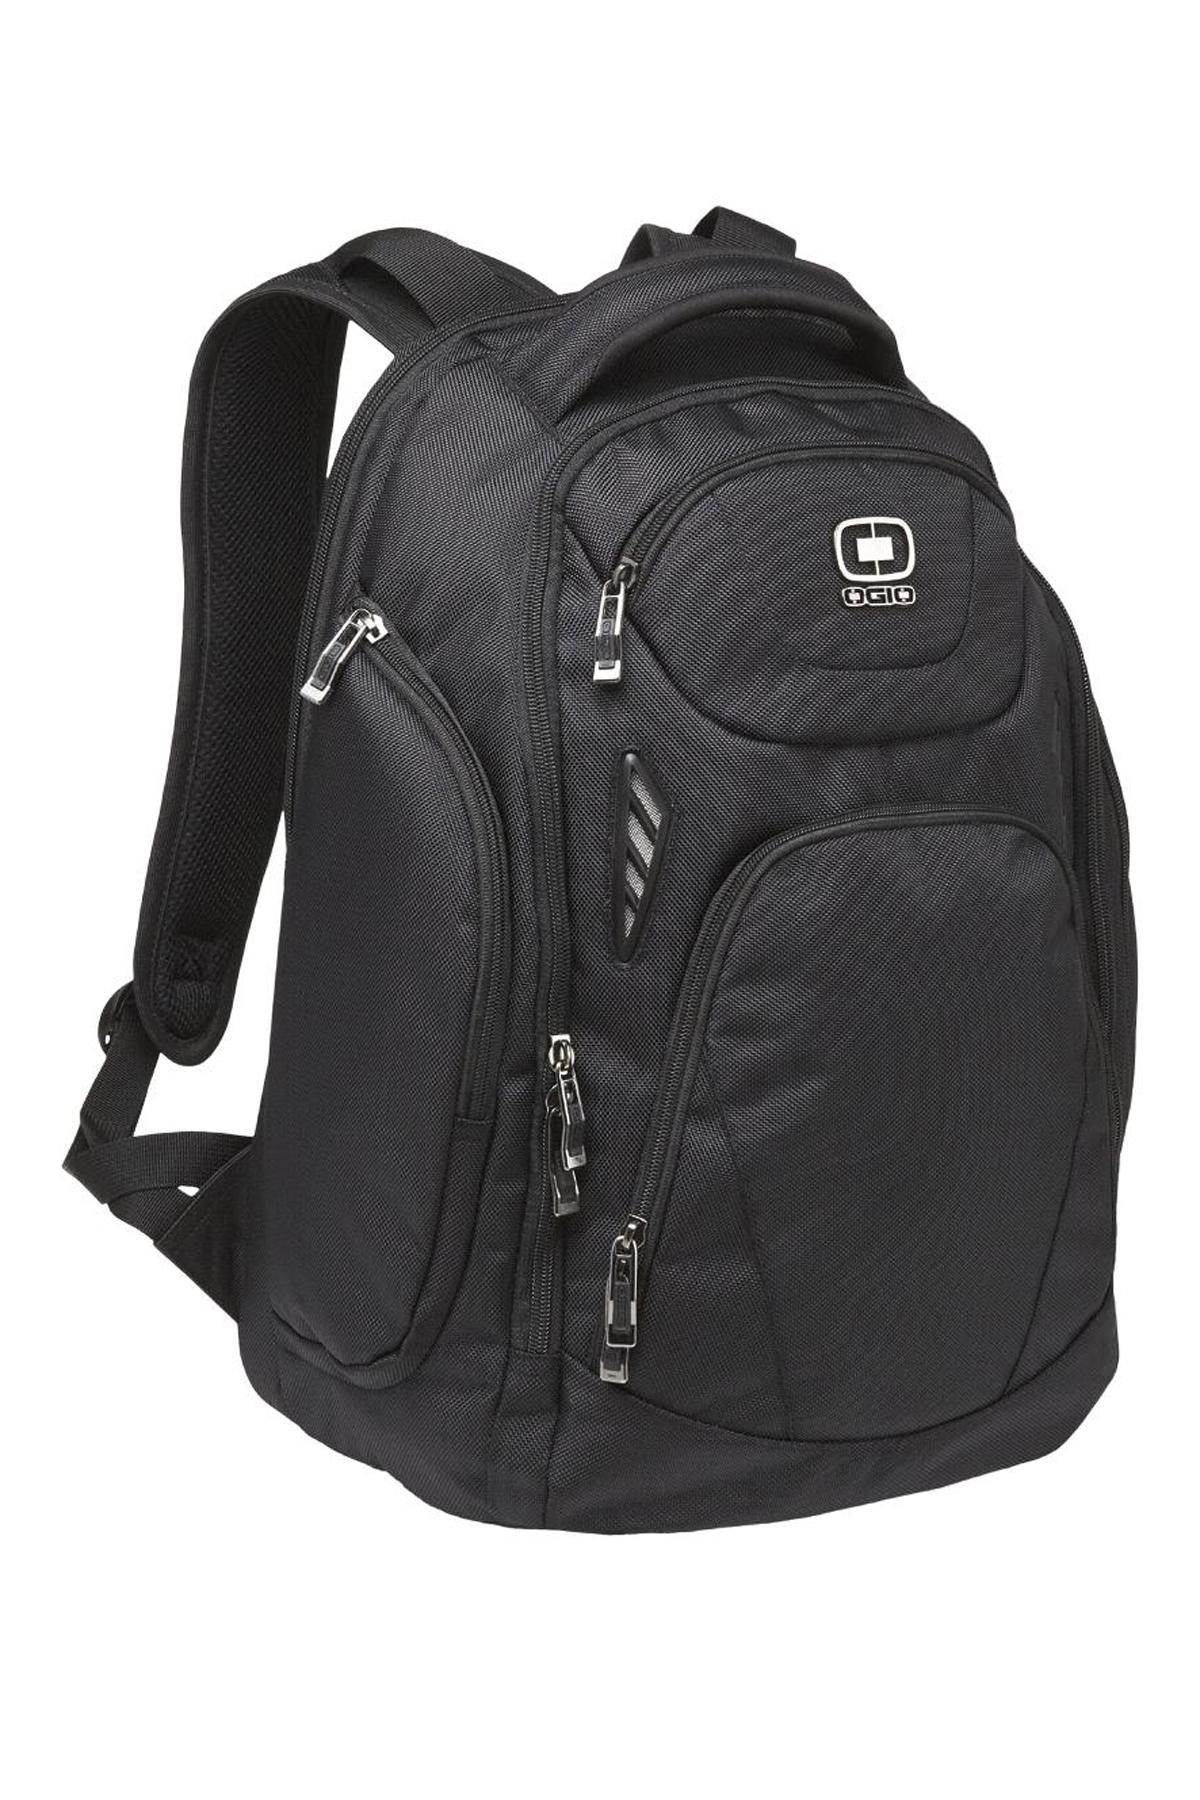 Bags-Backpacks-12